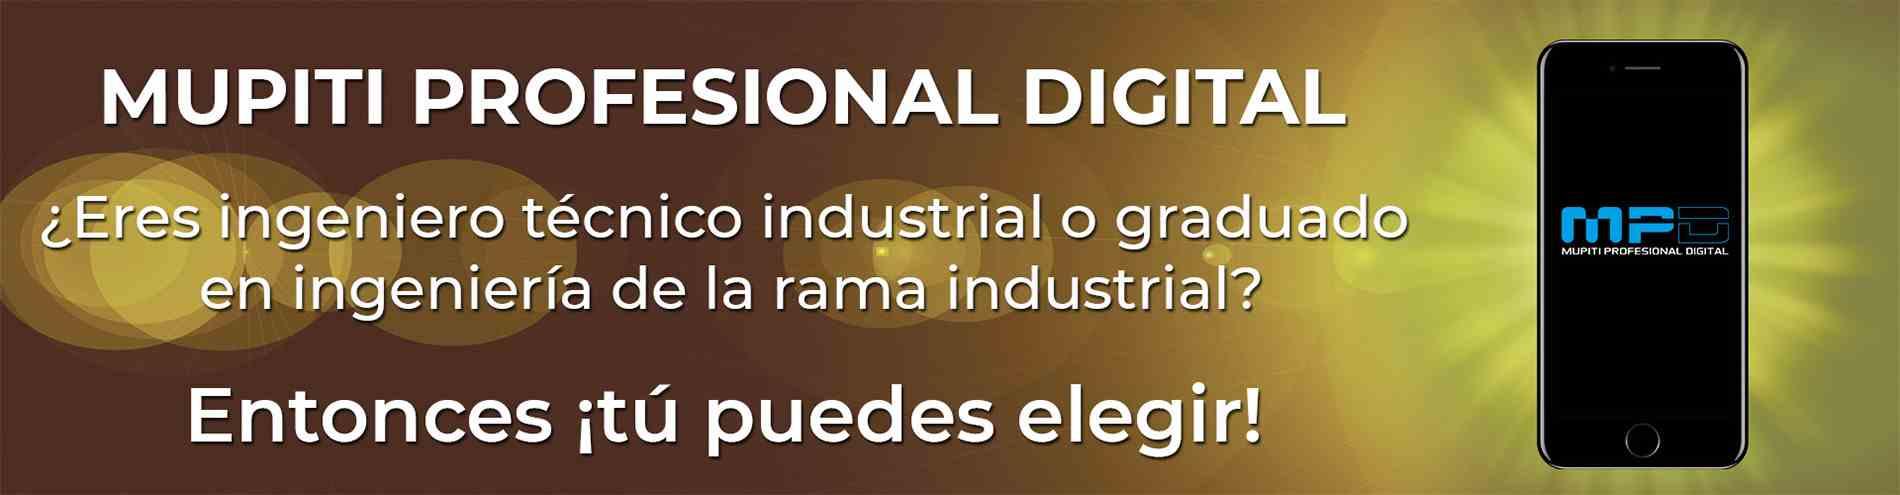 MUPITI Profesional Digital